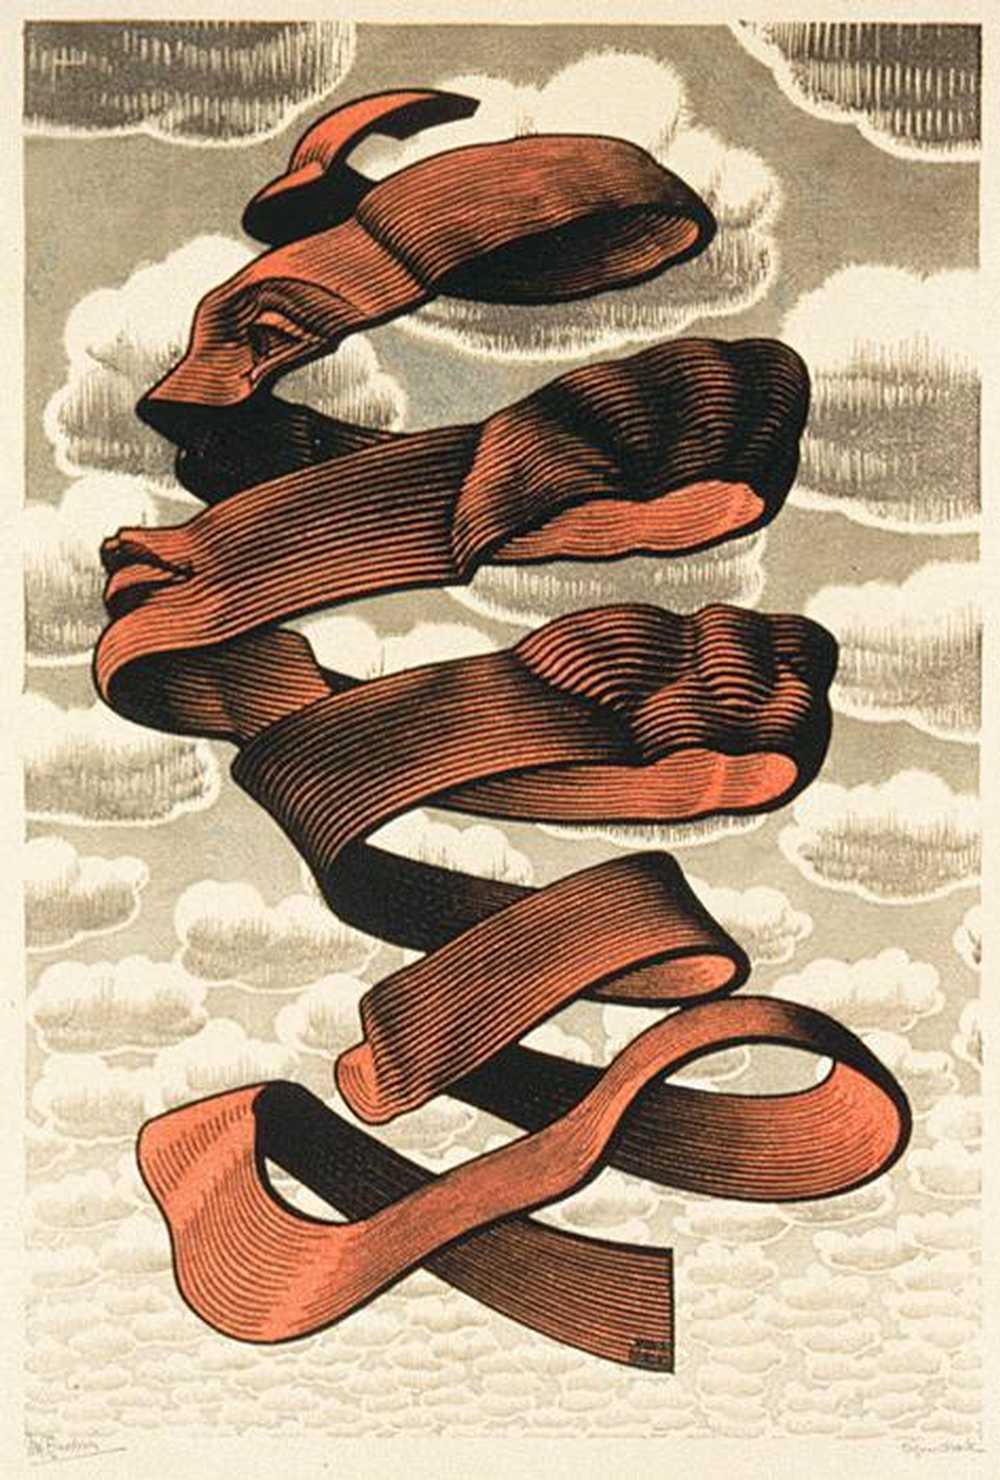 Escher,M.C.-Rind-1955